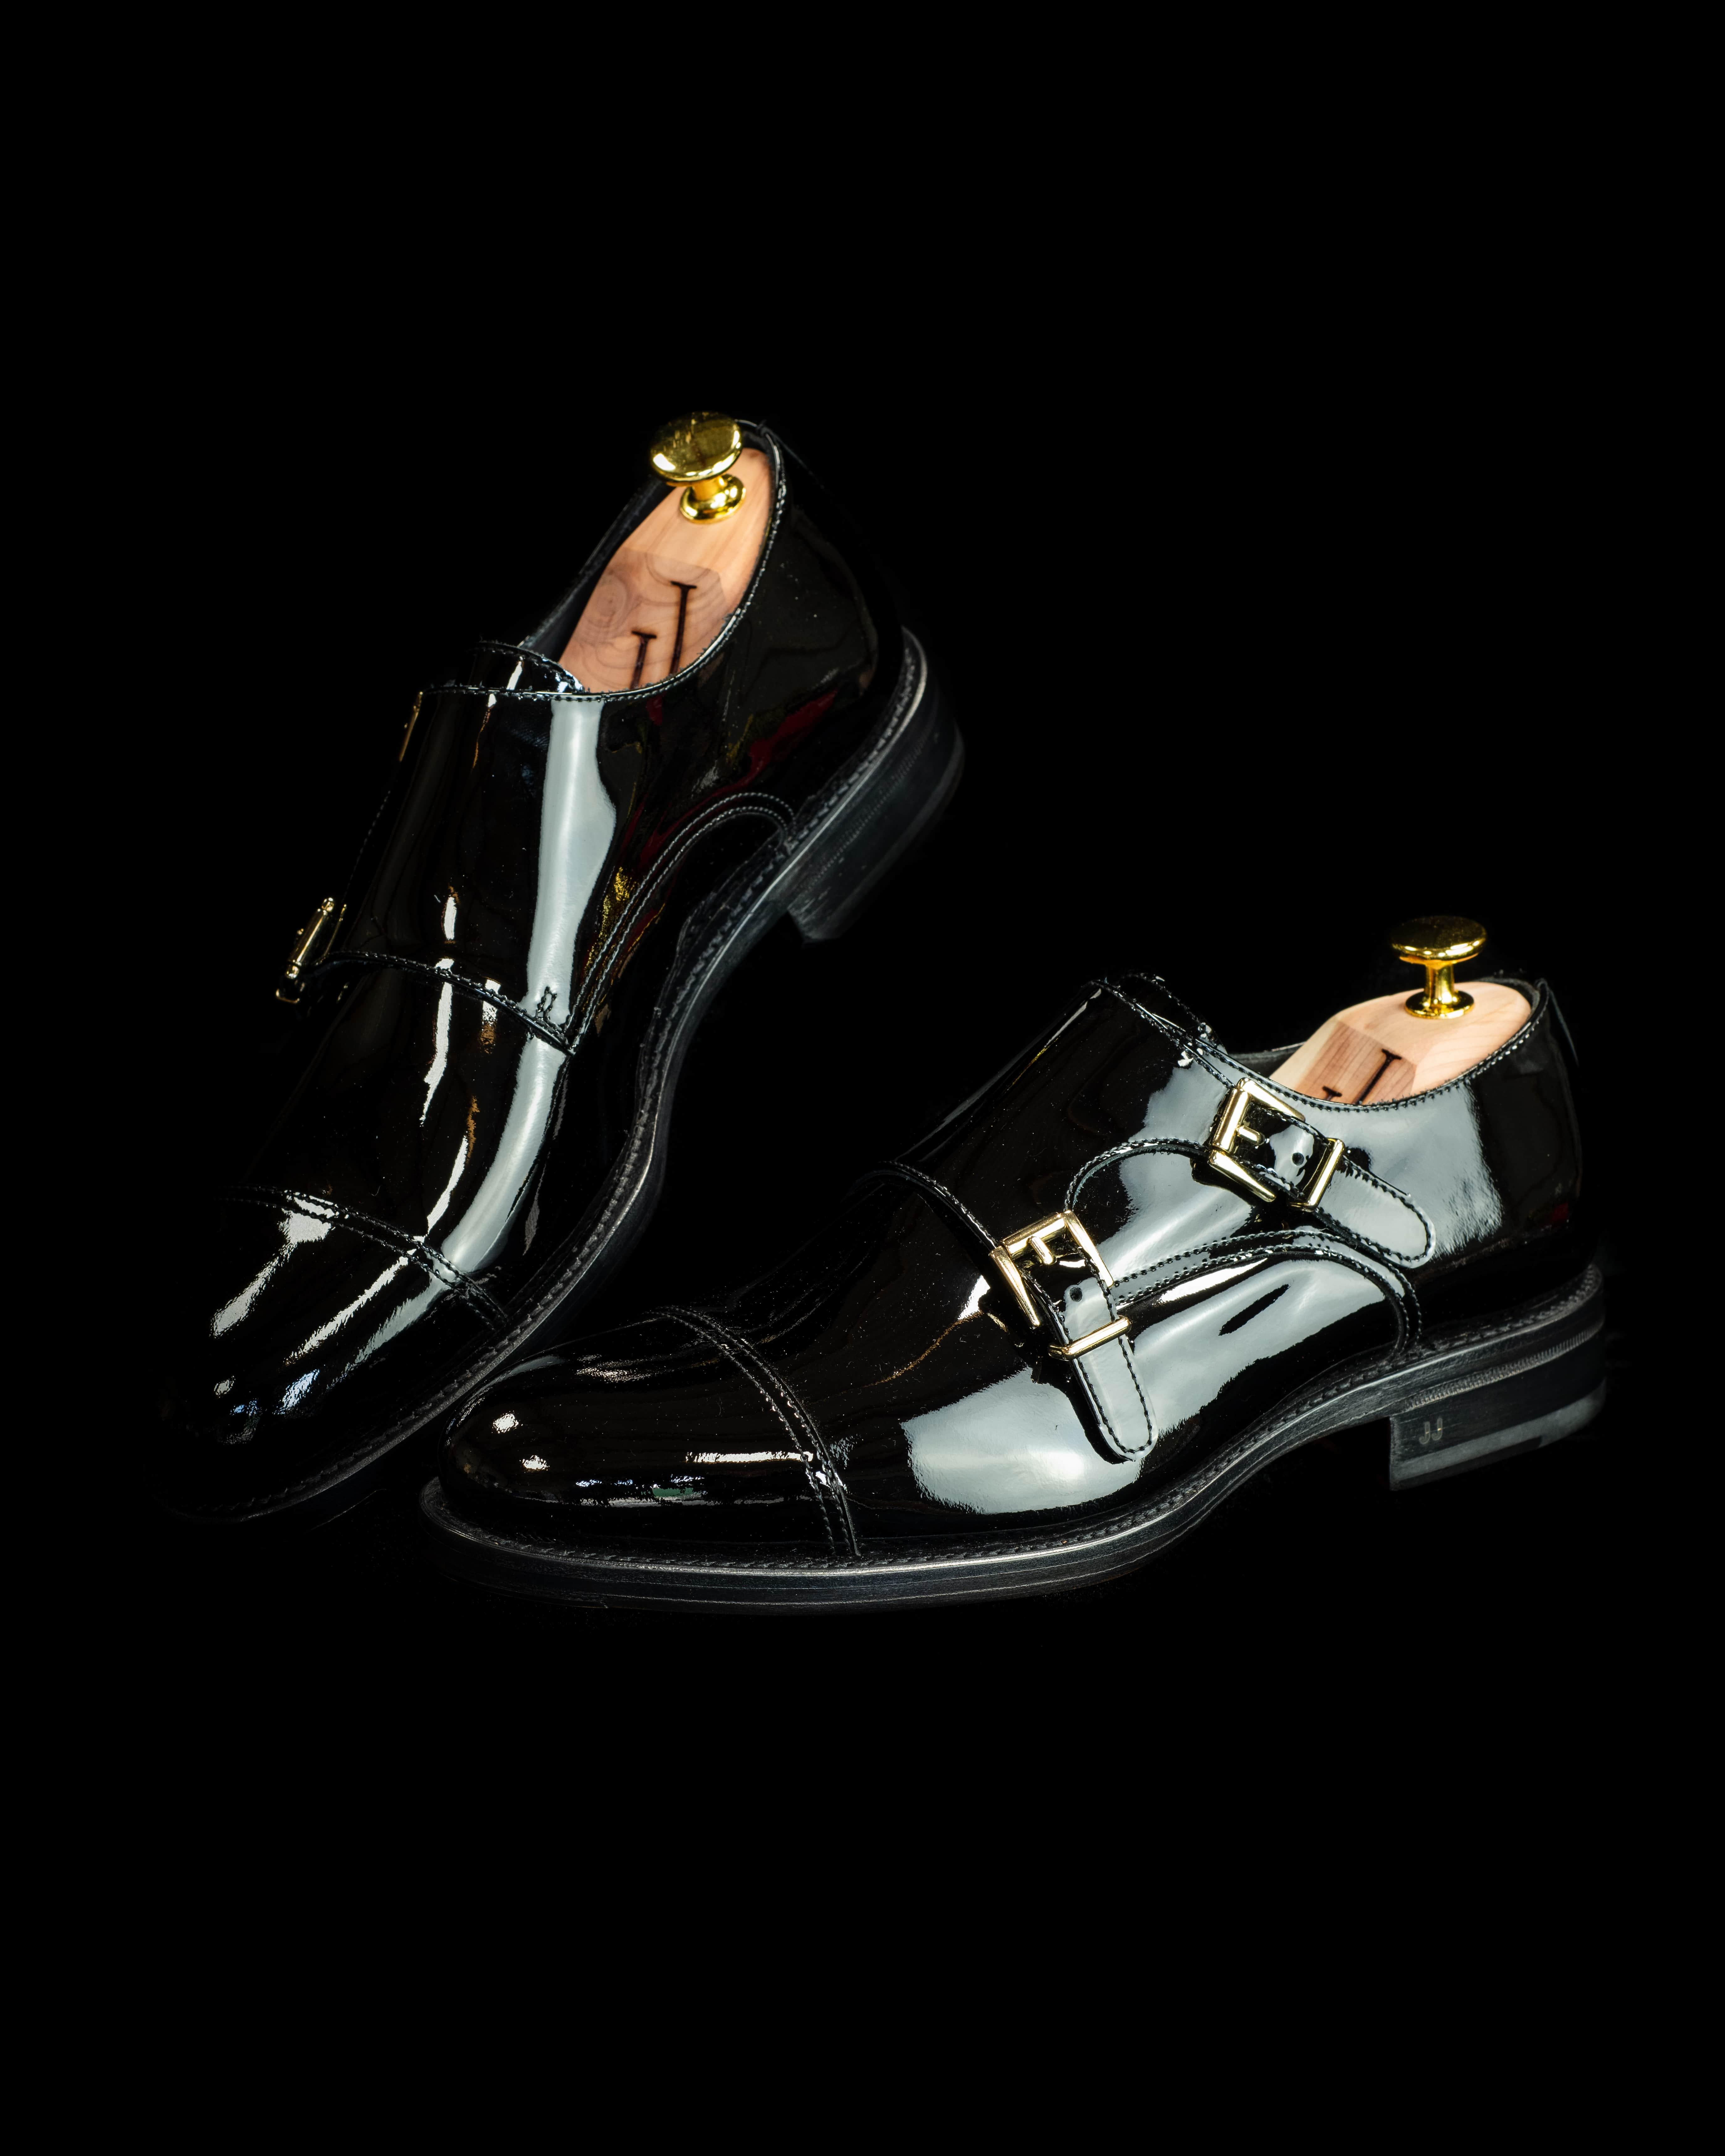 Shoes footwear image